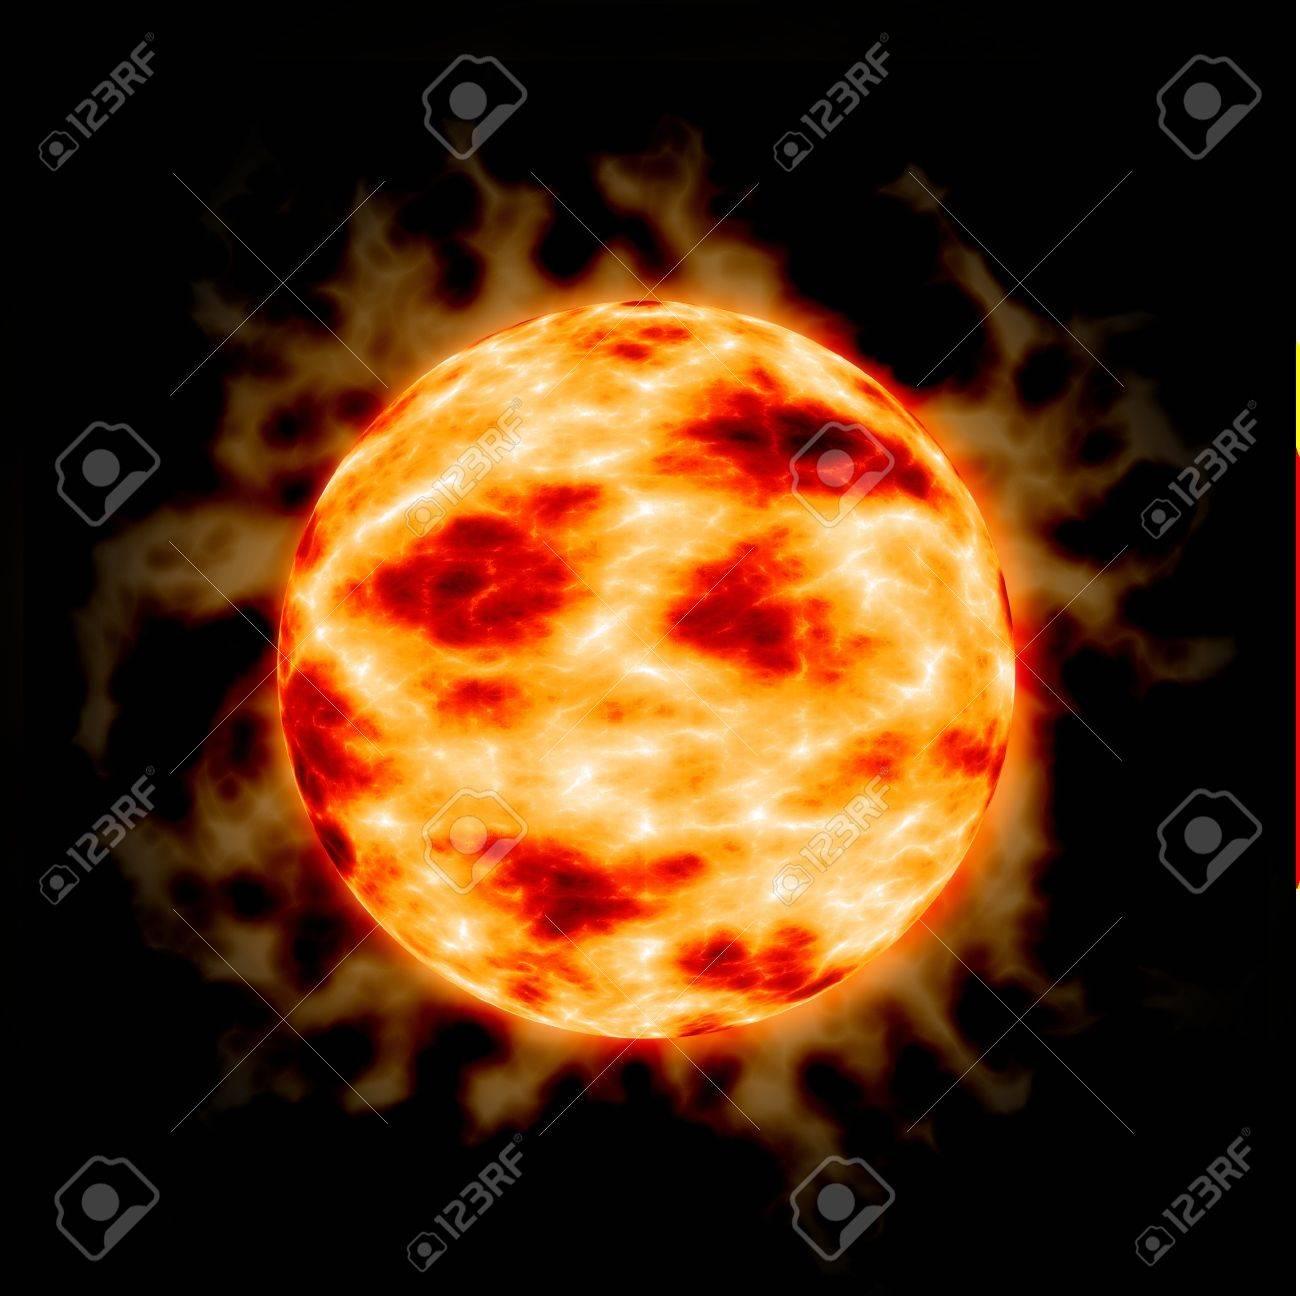 sun - 10682766